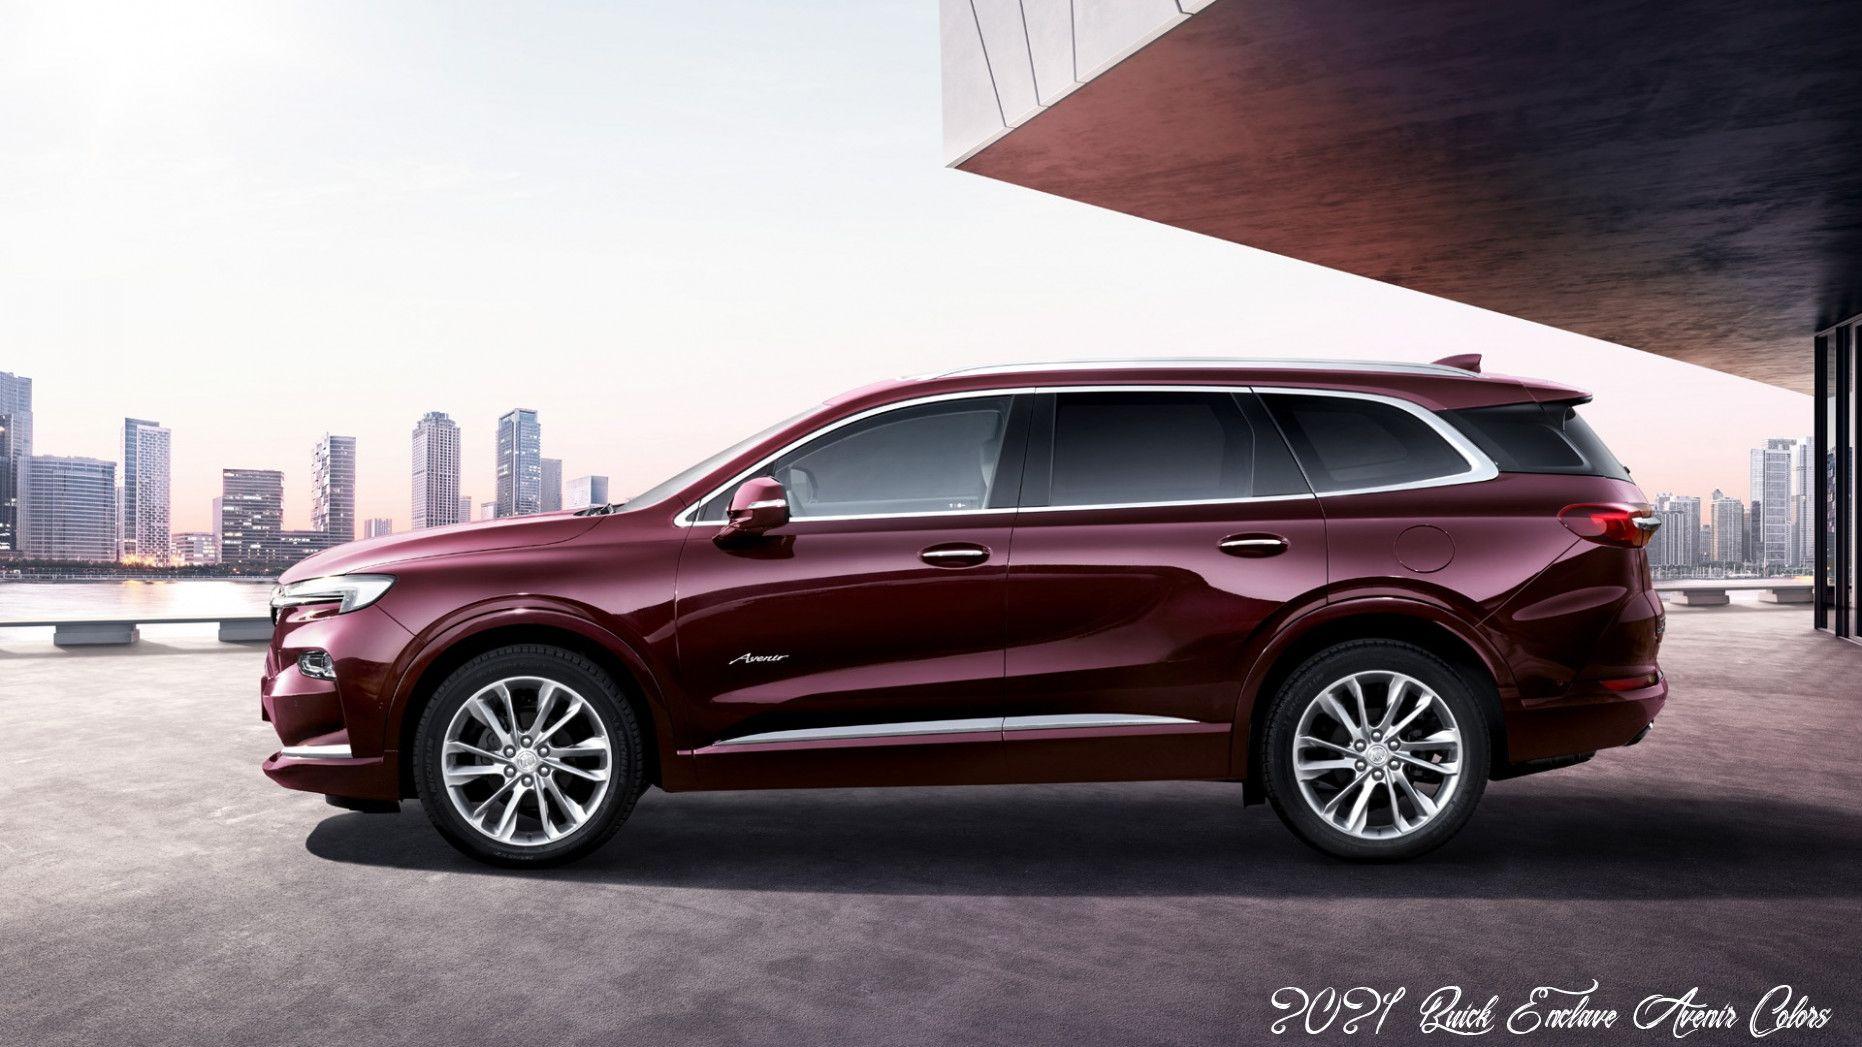 2021 Buick Enclave Avenir Colors Reviews In 2020 Buick Enclave Buick Enclave